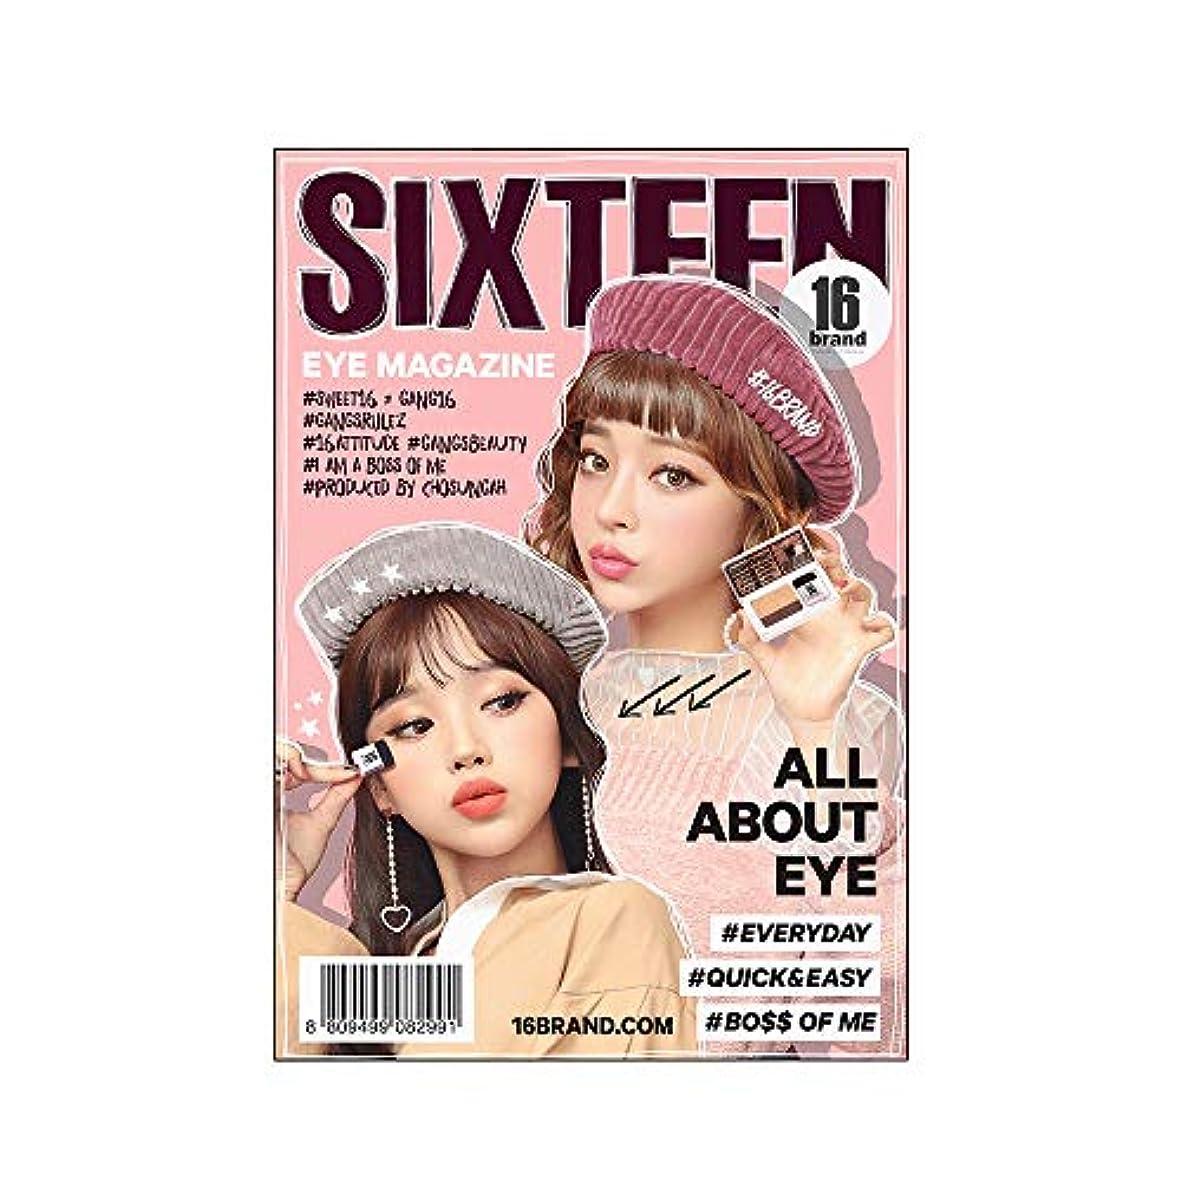 イデオロギーエクスタシーソーシャル16brand 16 Eye Magazine 2g /16ブランド 16 アイマガジン 2g [国内正規品](エブリディ)